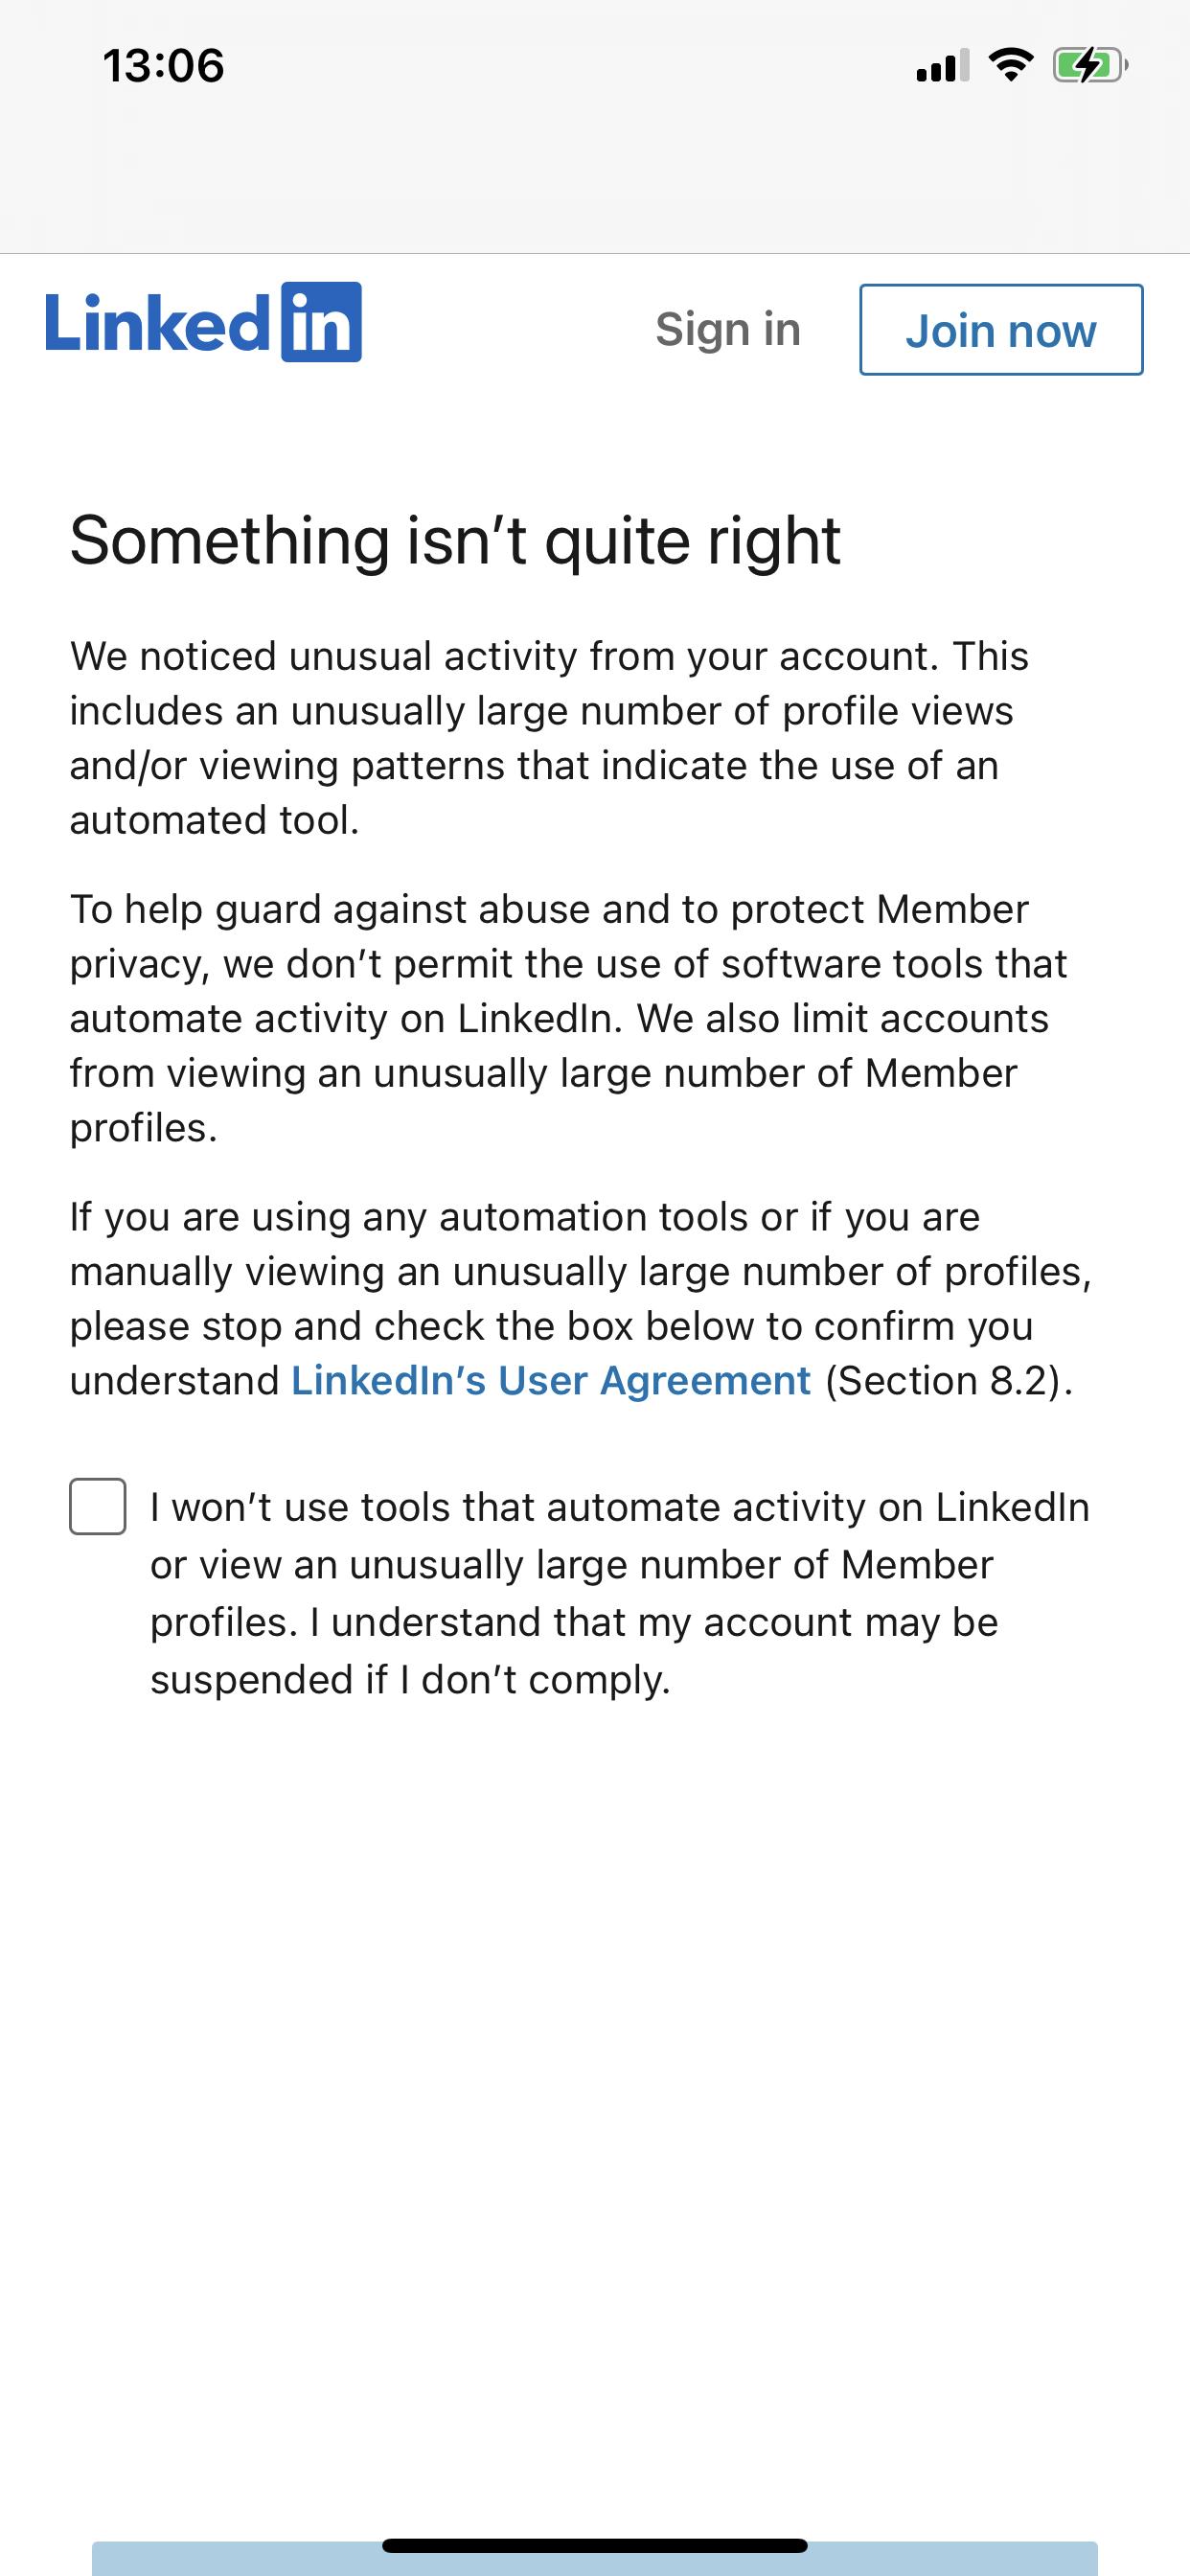 Ha aránytalanul sok profiloldalt nézel meg, rövid idő alatt, a rendszer gondolhatja azt, hogy robot vagy, ami profil letiltással járhat. LinkedIn SSI score, hogyan növeld az értékét?